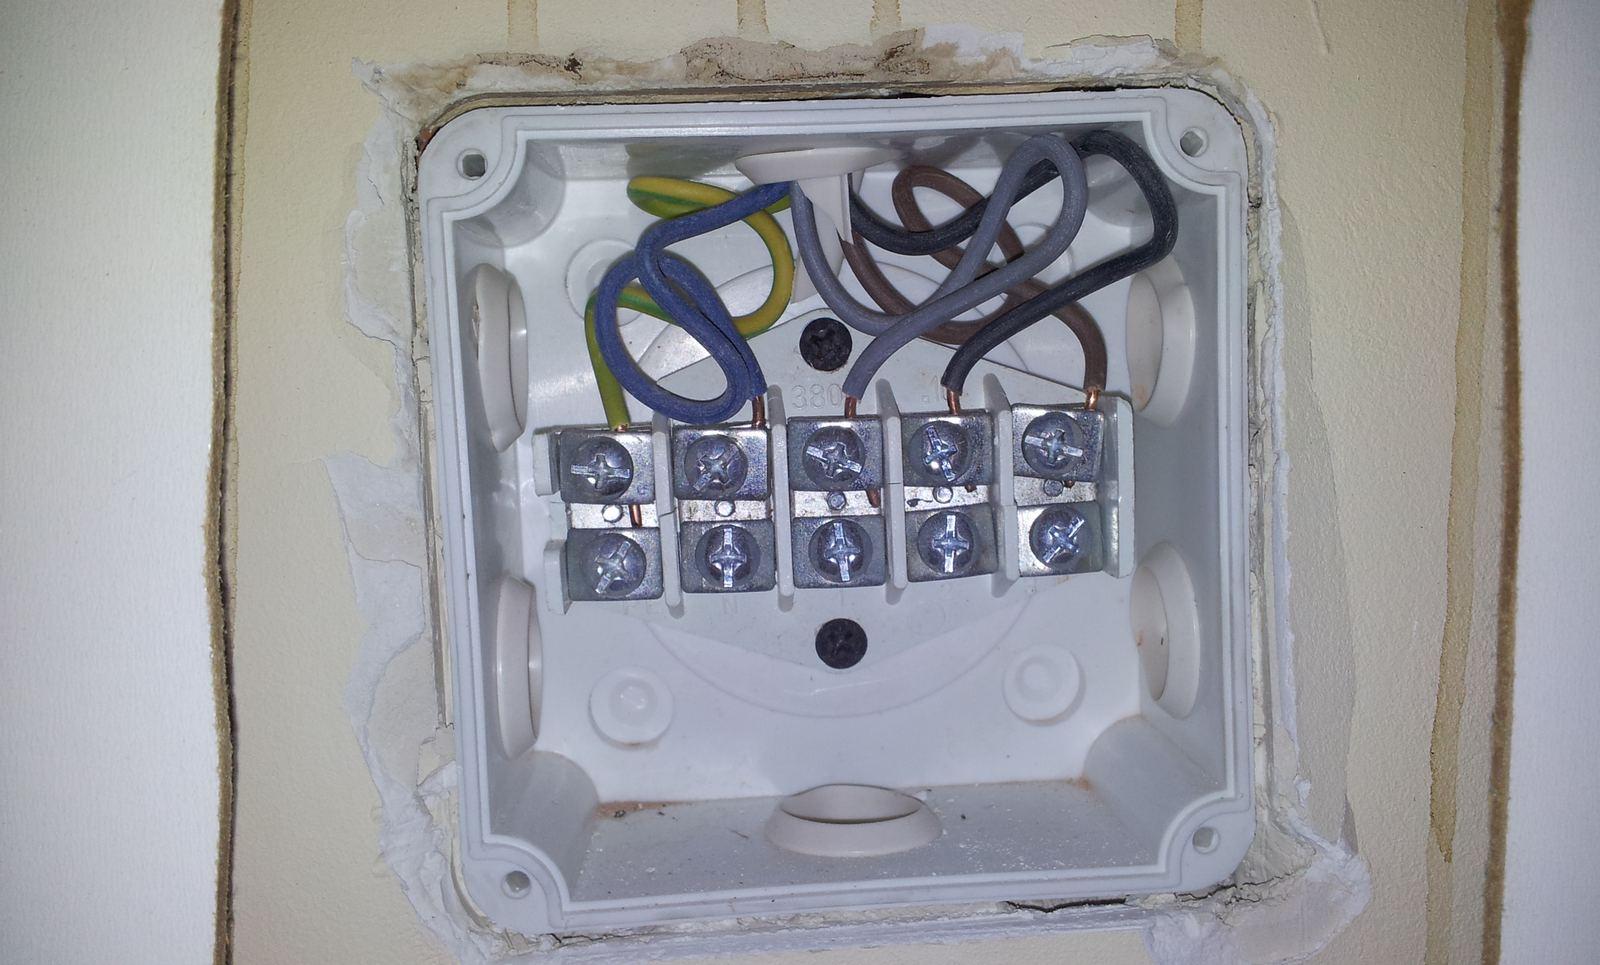 Jak Podlaczyc Kuchenke Elektryczna Elektroda Pl